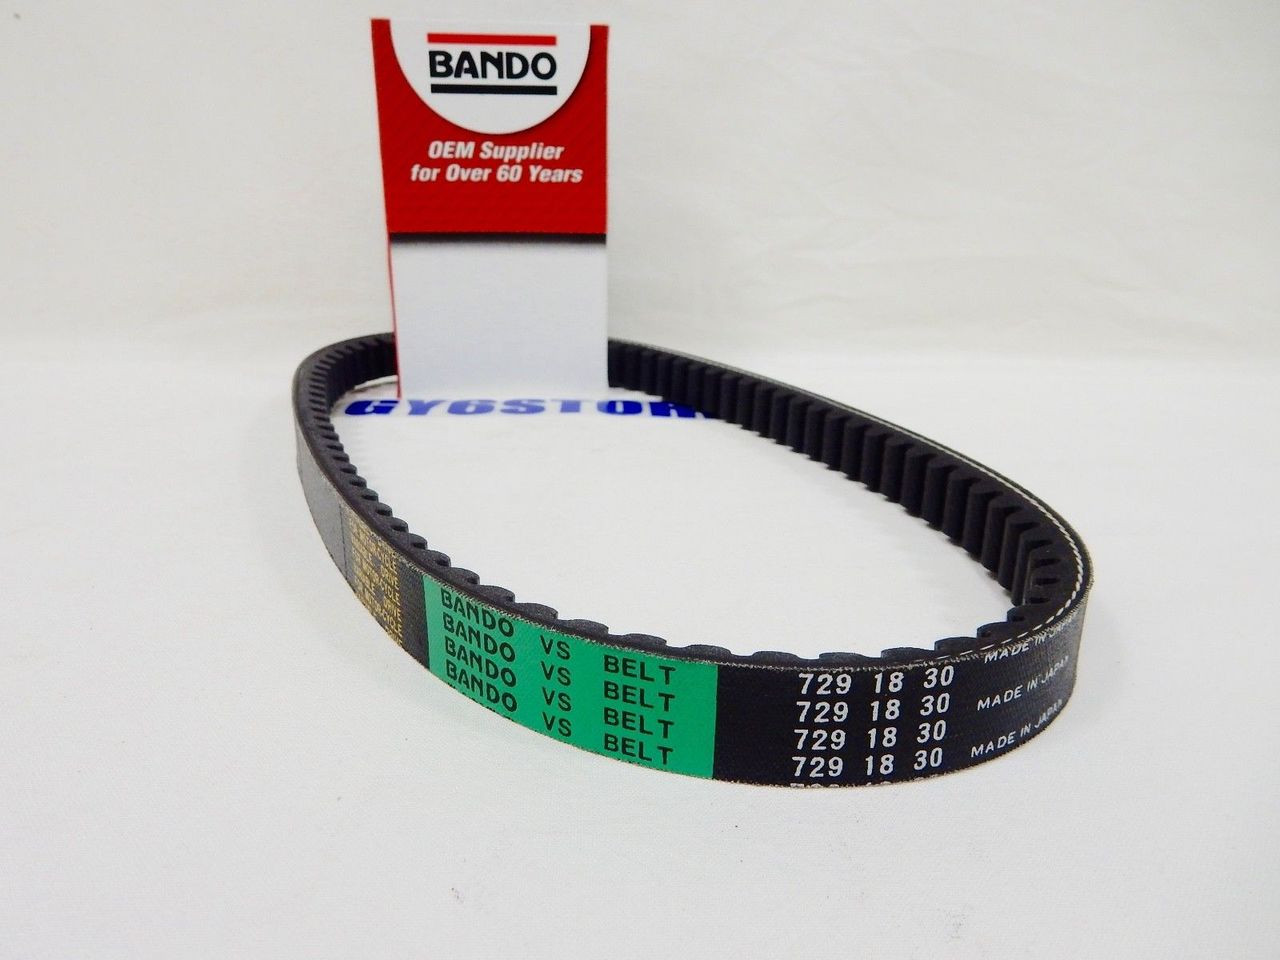 XL Belt Cross Section 19.600000000000001 Length D/&D PowerDrive 196XL050 Timing Belt Rubber